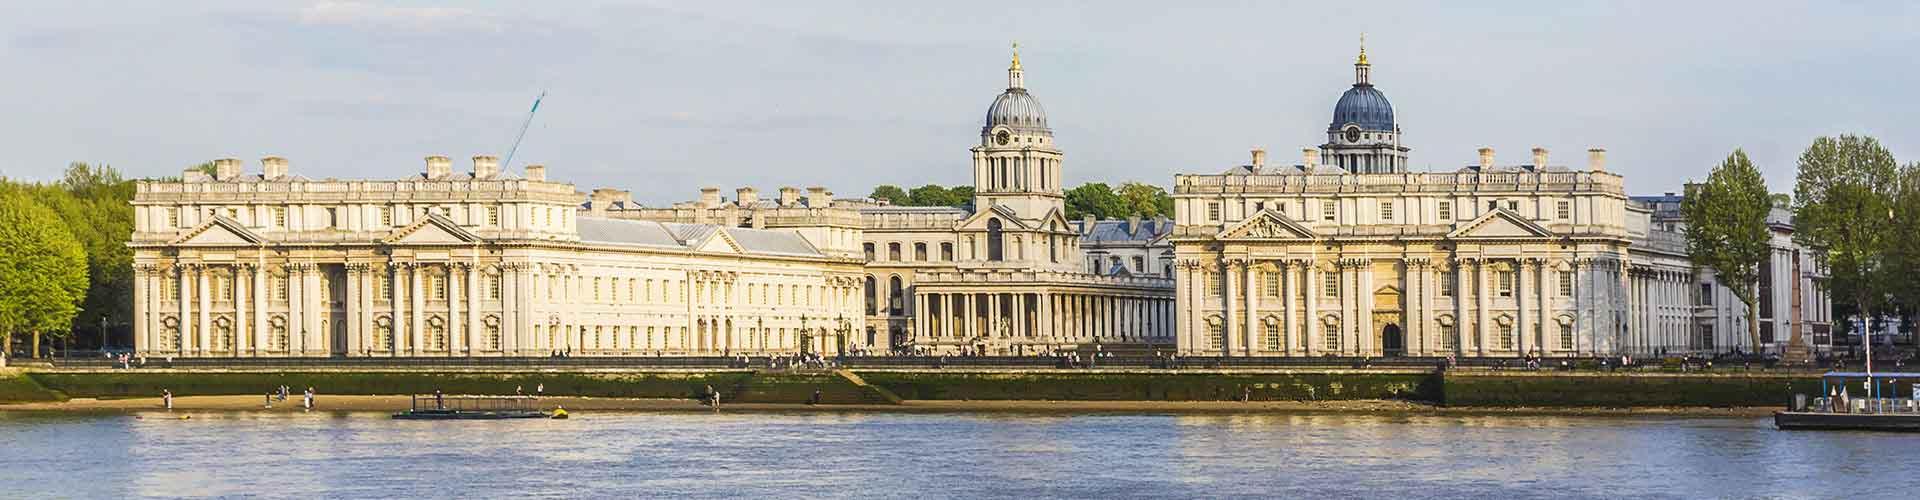 런던 - Borough of Greenwich지역에 위치한 호텔. 런던의 지도, 런던에 위치한 호텔에 대한 사진 및 리뷰.